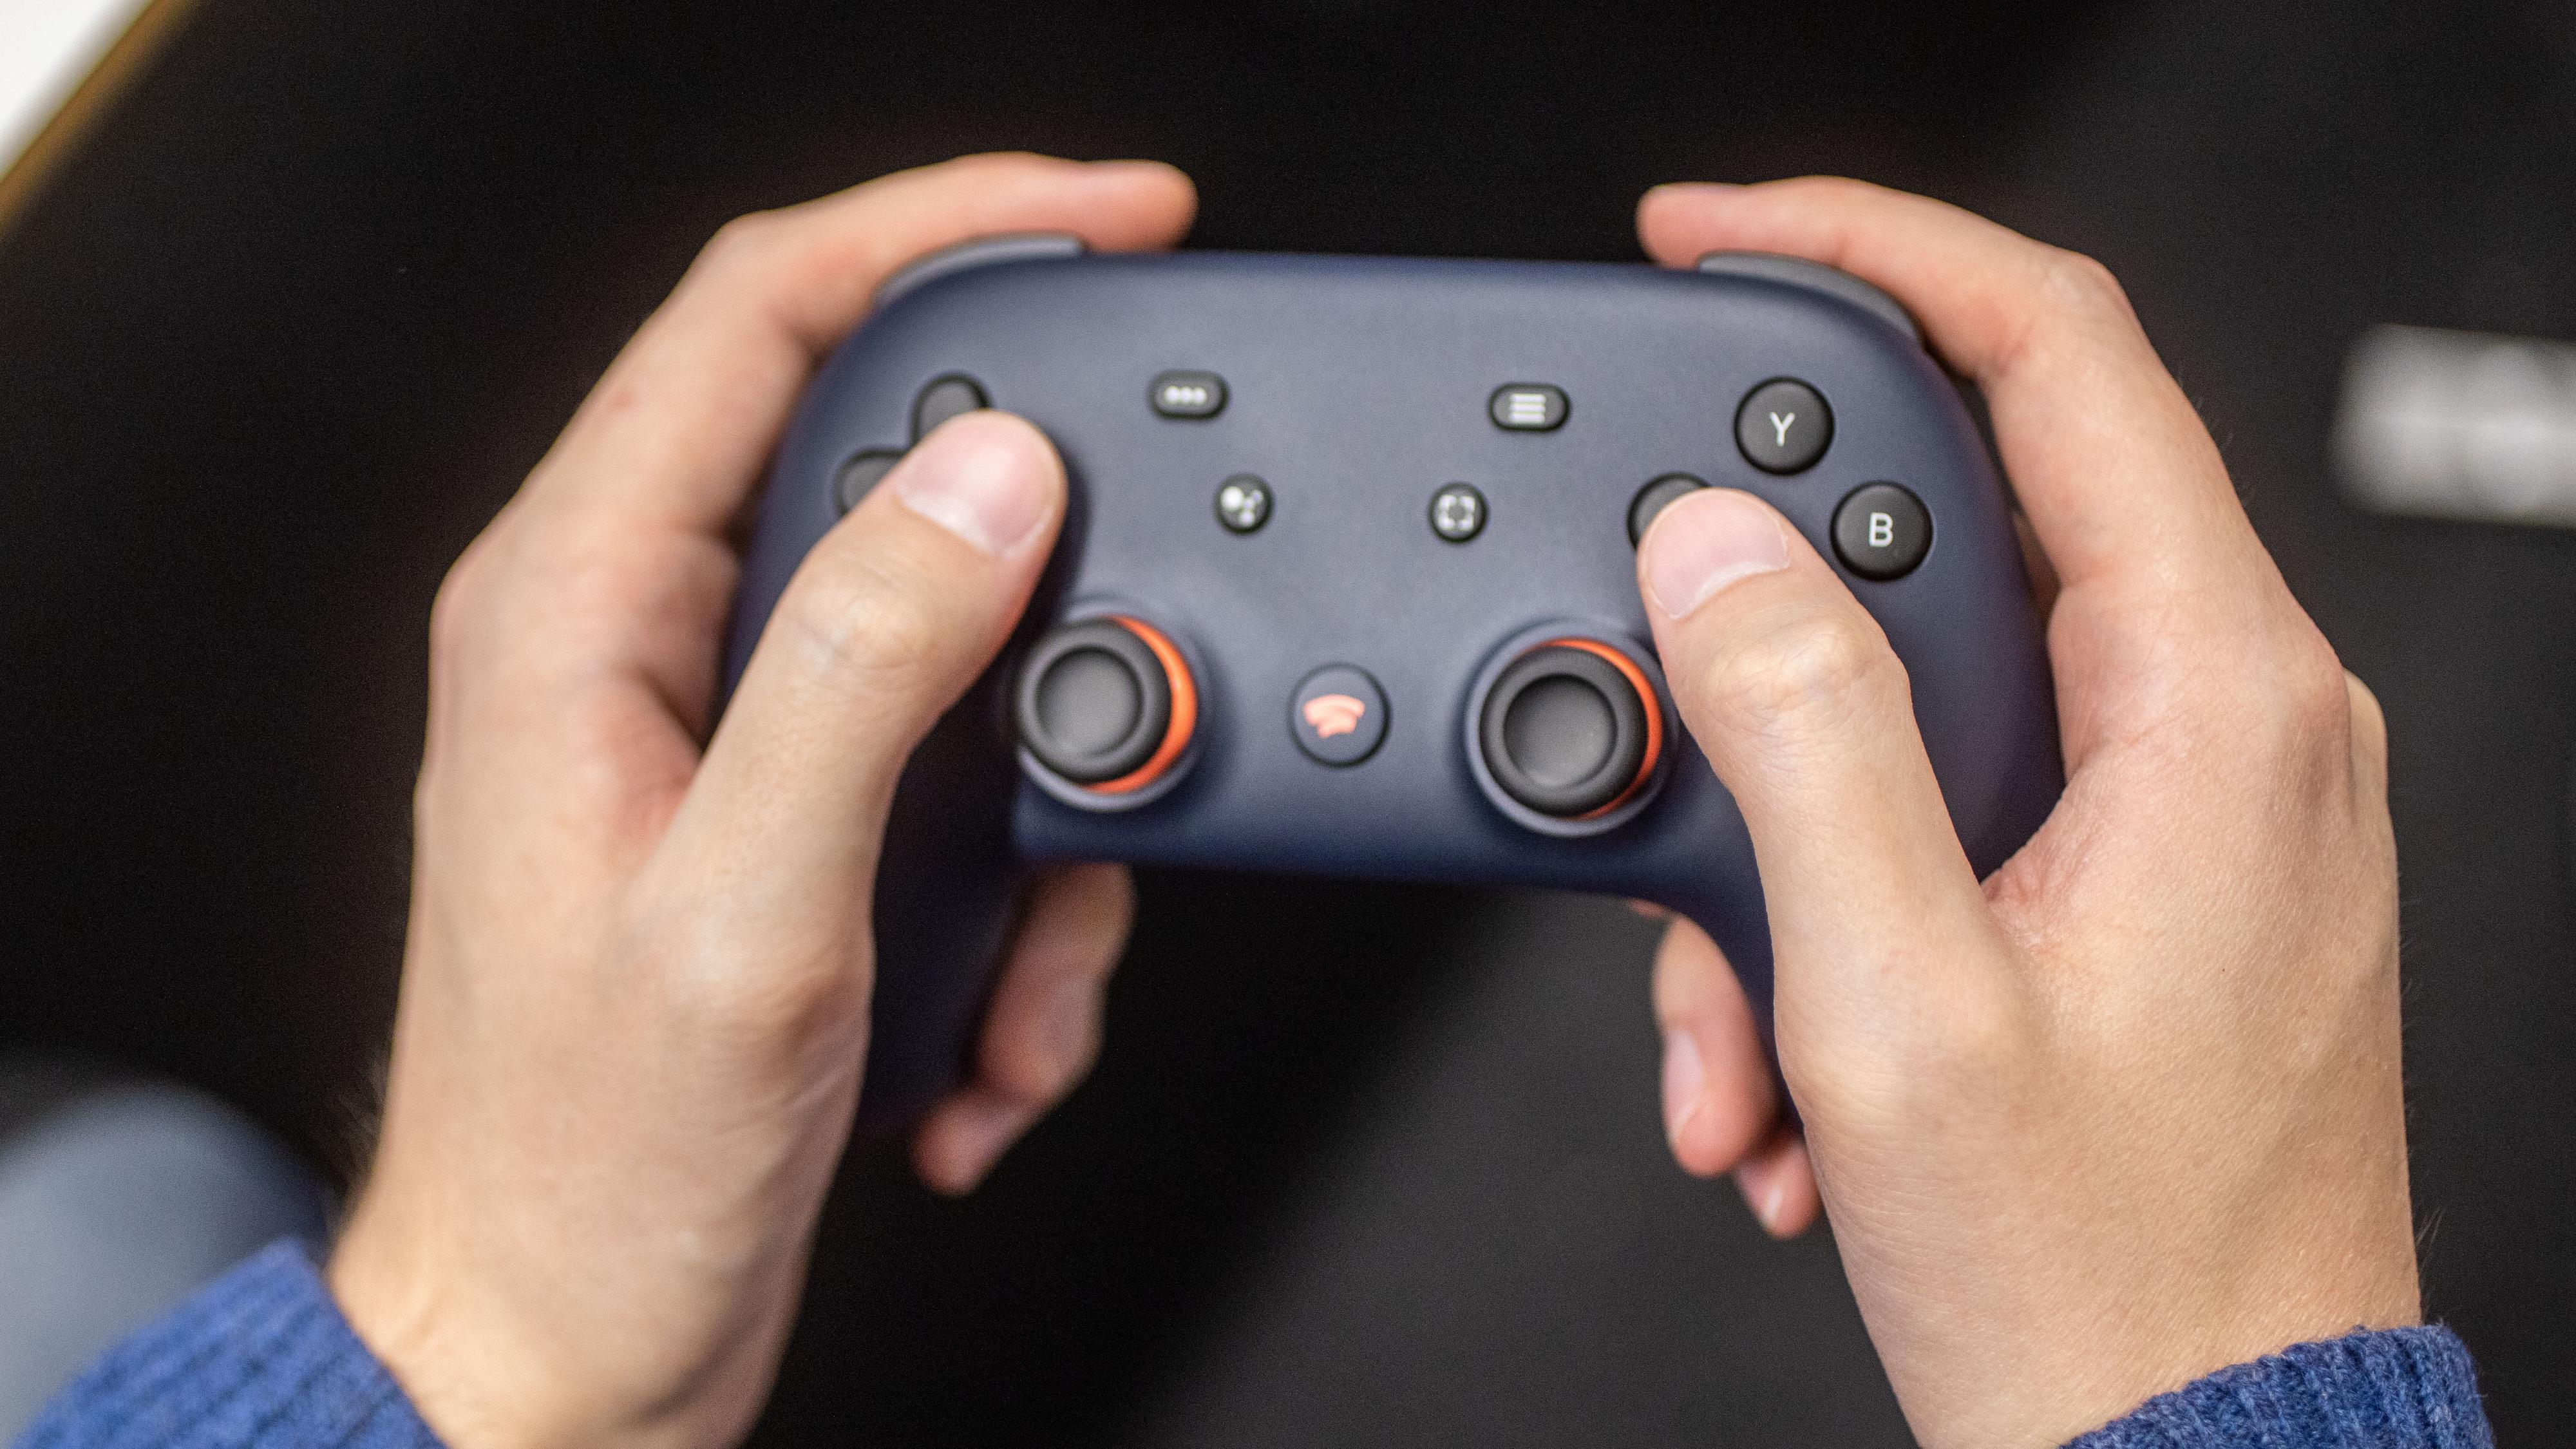 Kontrolleren minner en del om PlayStation 4-kontrollerne. Den ligger godt i hendene og har en litt ru bakside som gjør den ekstra behagelig å holde i.